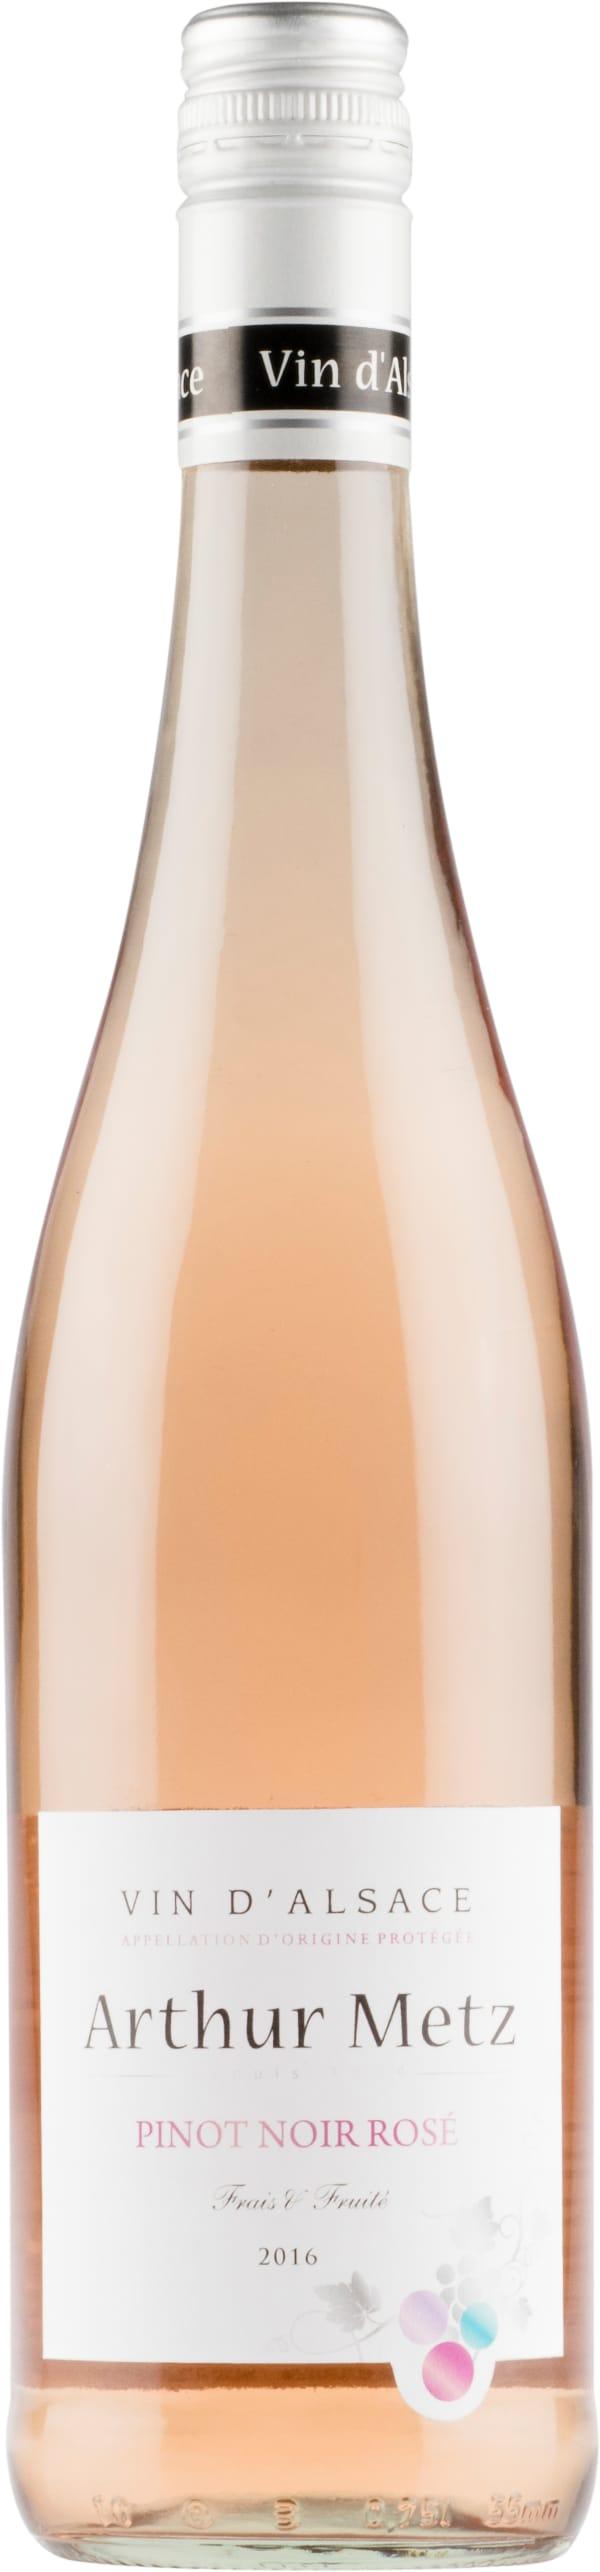 Arthur Metz Pinot Noir Rosé